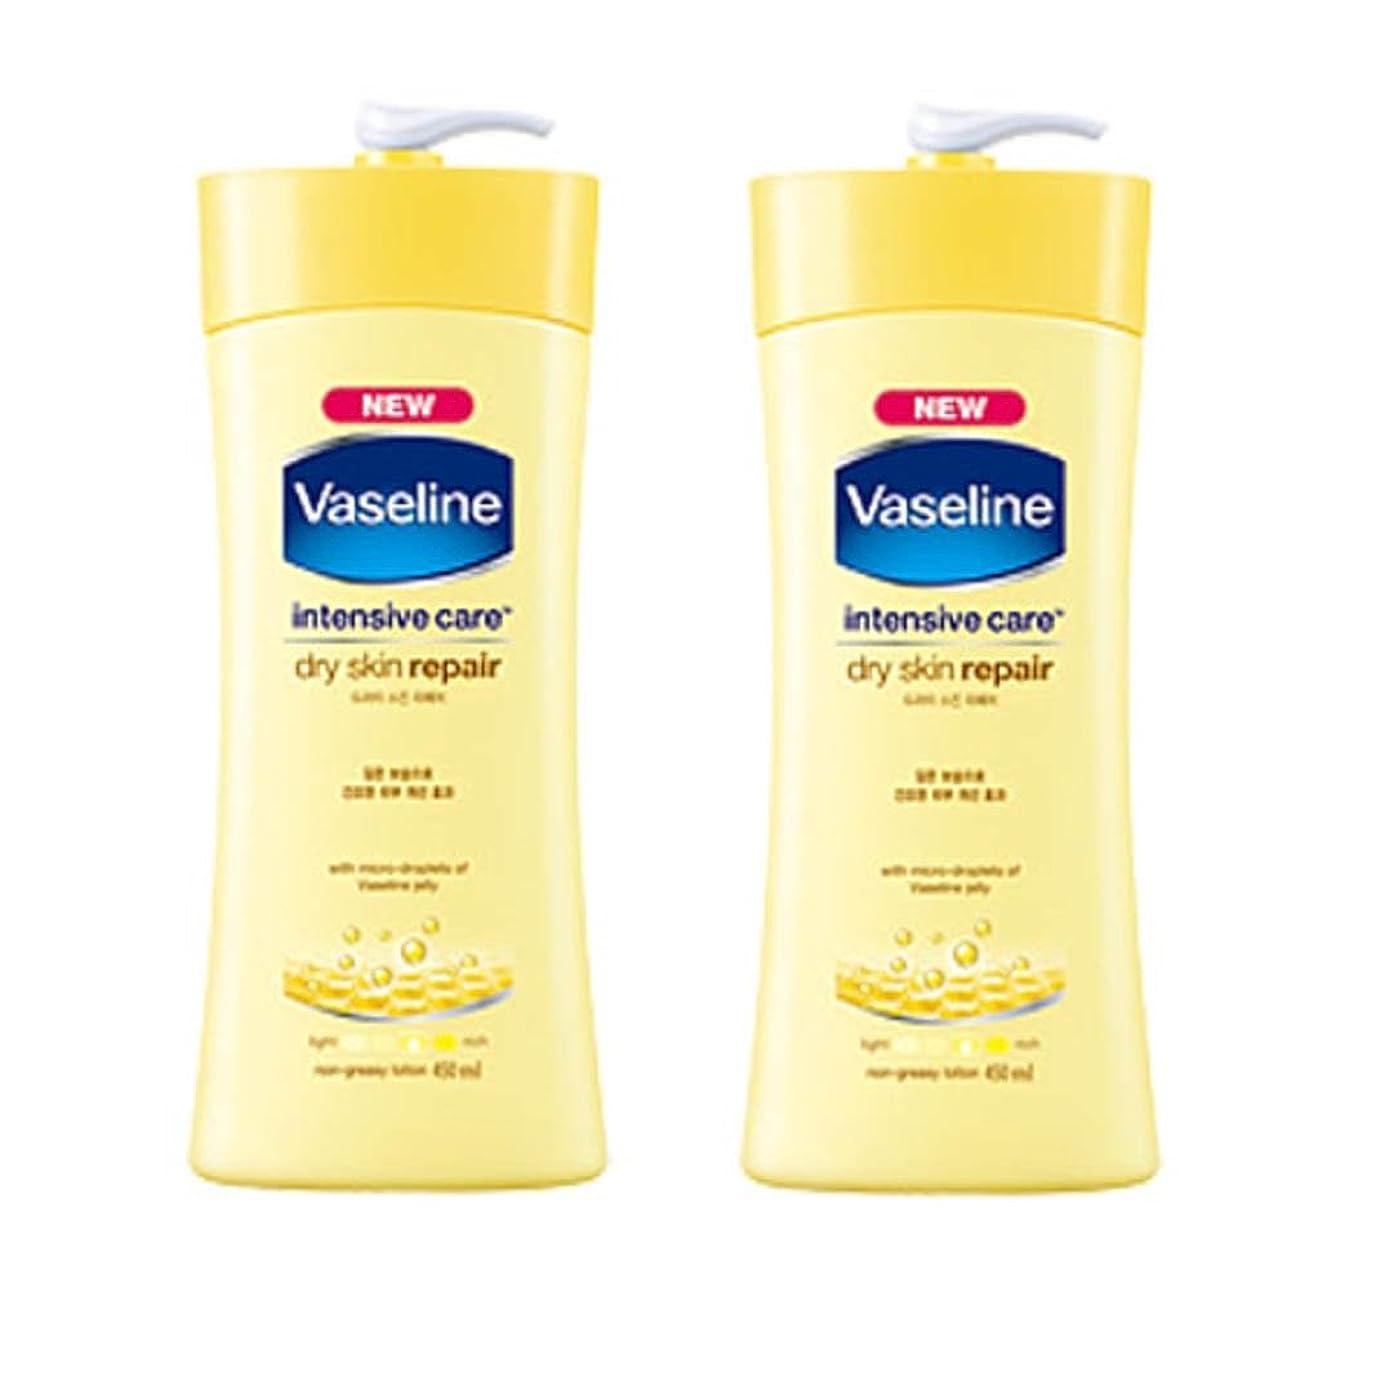 咳トリップすべてヴァセリン インテンシブケア ドライスキン リペアローション(Vaseline Intensive Care Dry Skin Repair Lotion) 450ml X 2個 [並行輸入品]